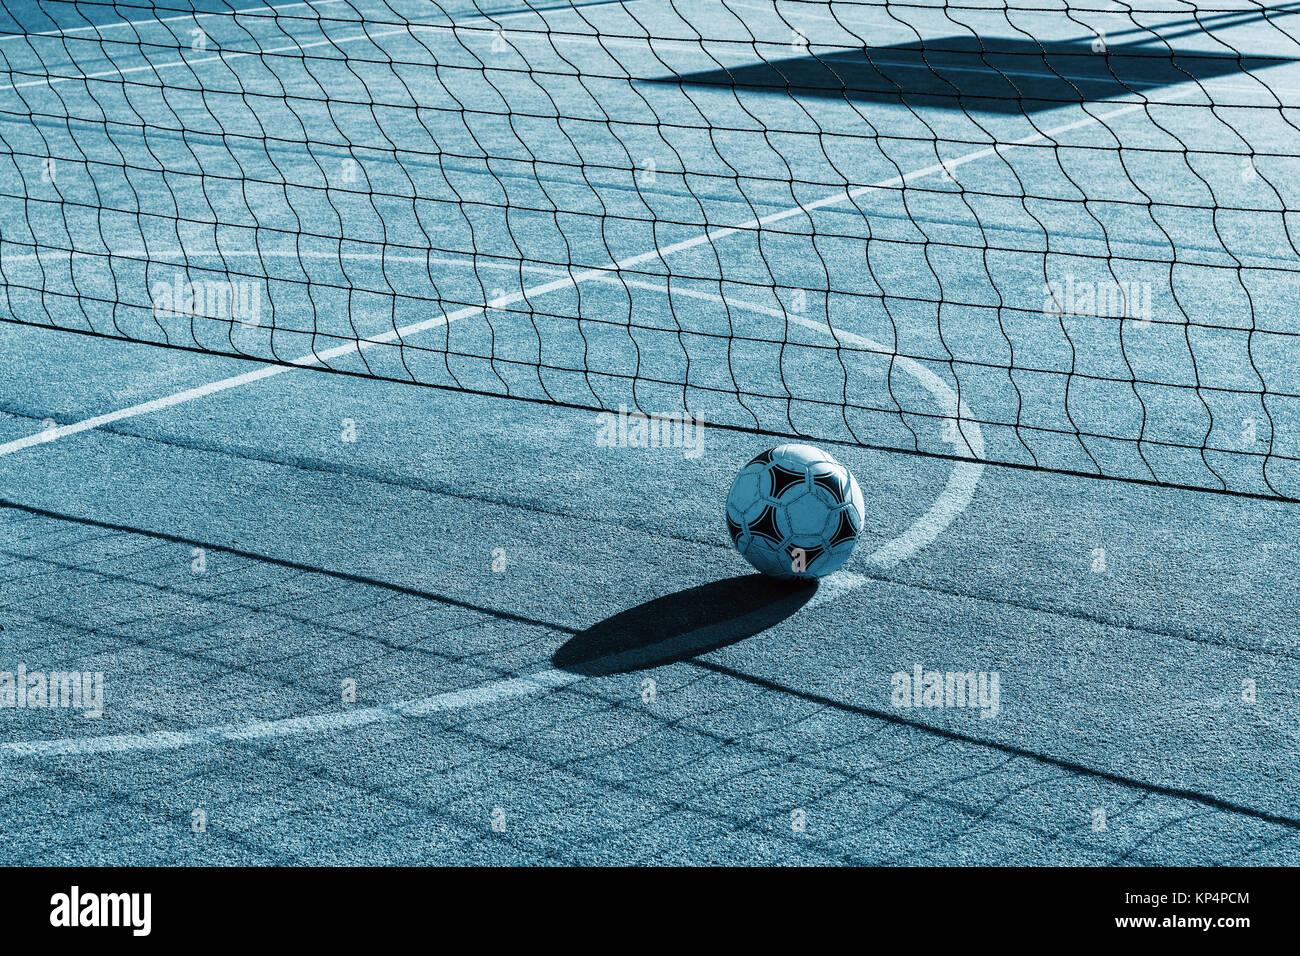 Patio exterior para tenis, voleibol y fútbol. Net y un balón de fútbol en el patio de recreo. Futnet. Imagen De Stock